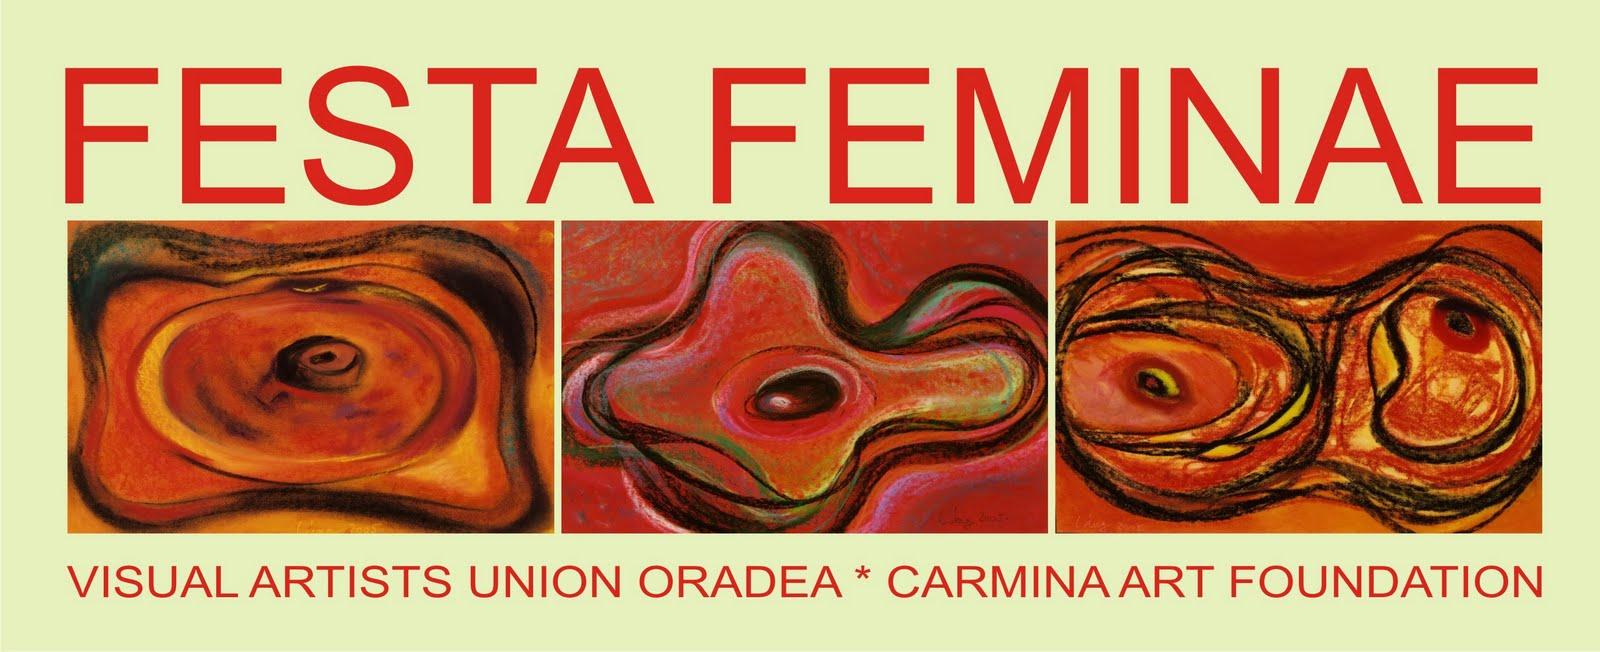 FESTA FEMINAE